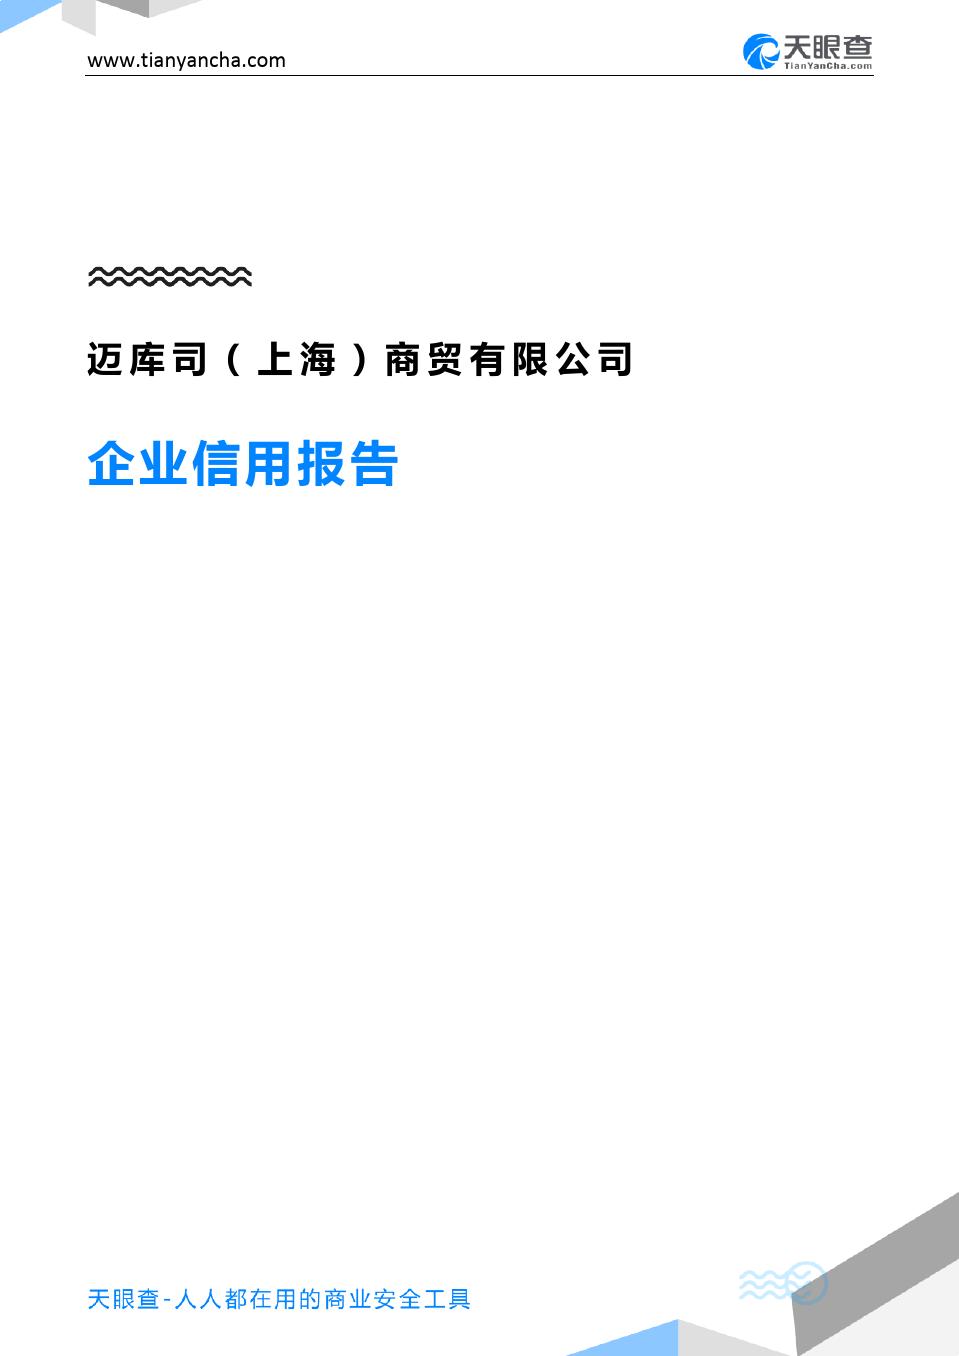 迈库司(上海)商贸有限公司(企业信用报告)- 天眼查